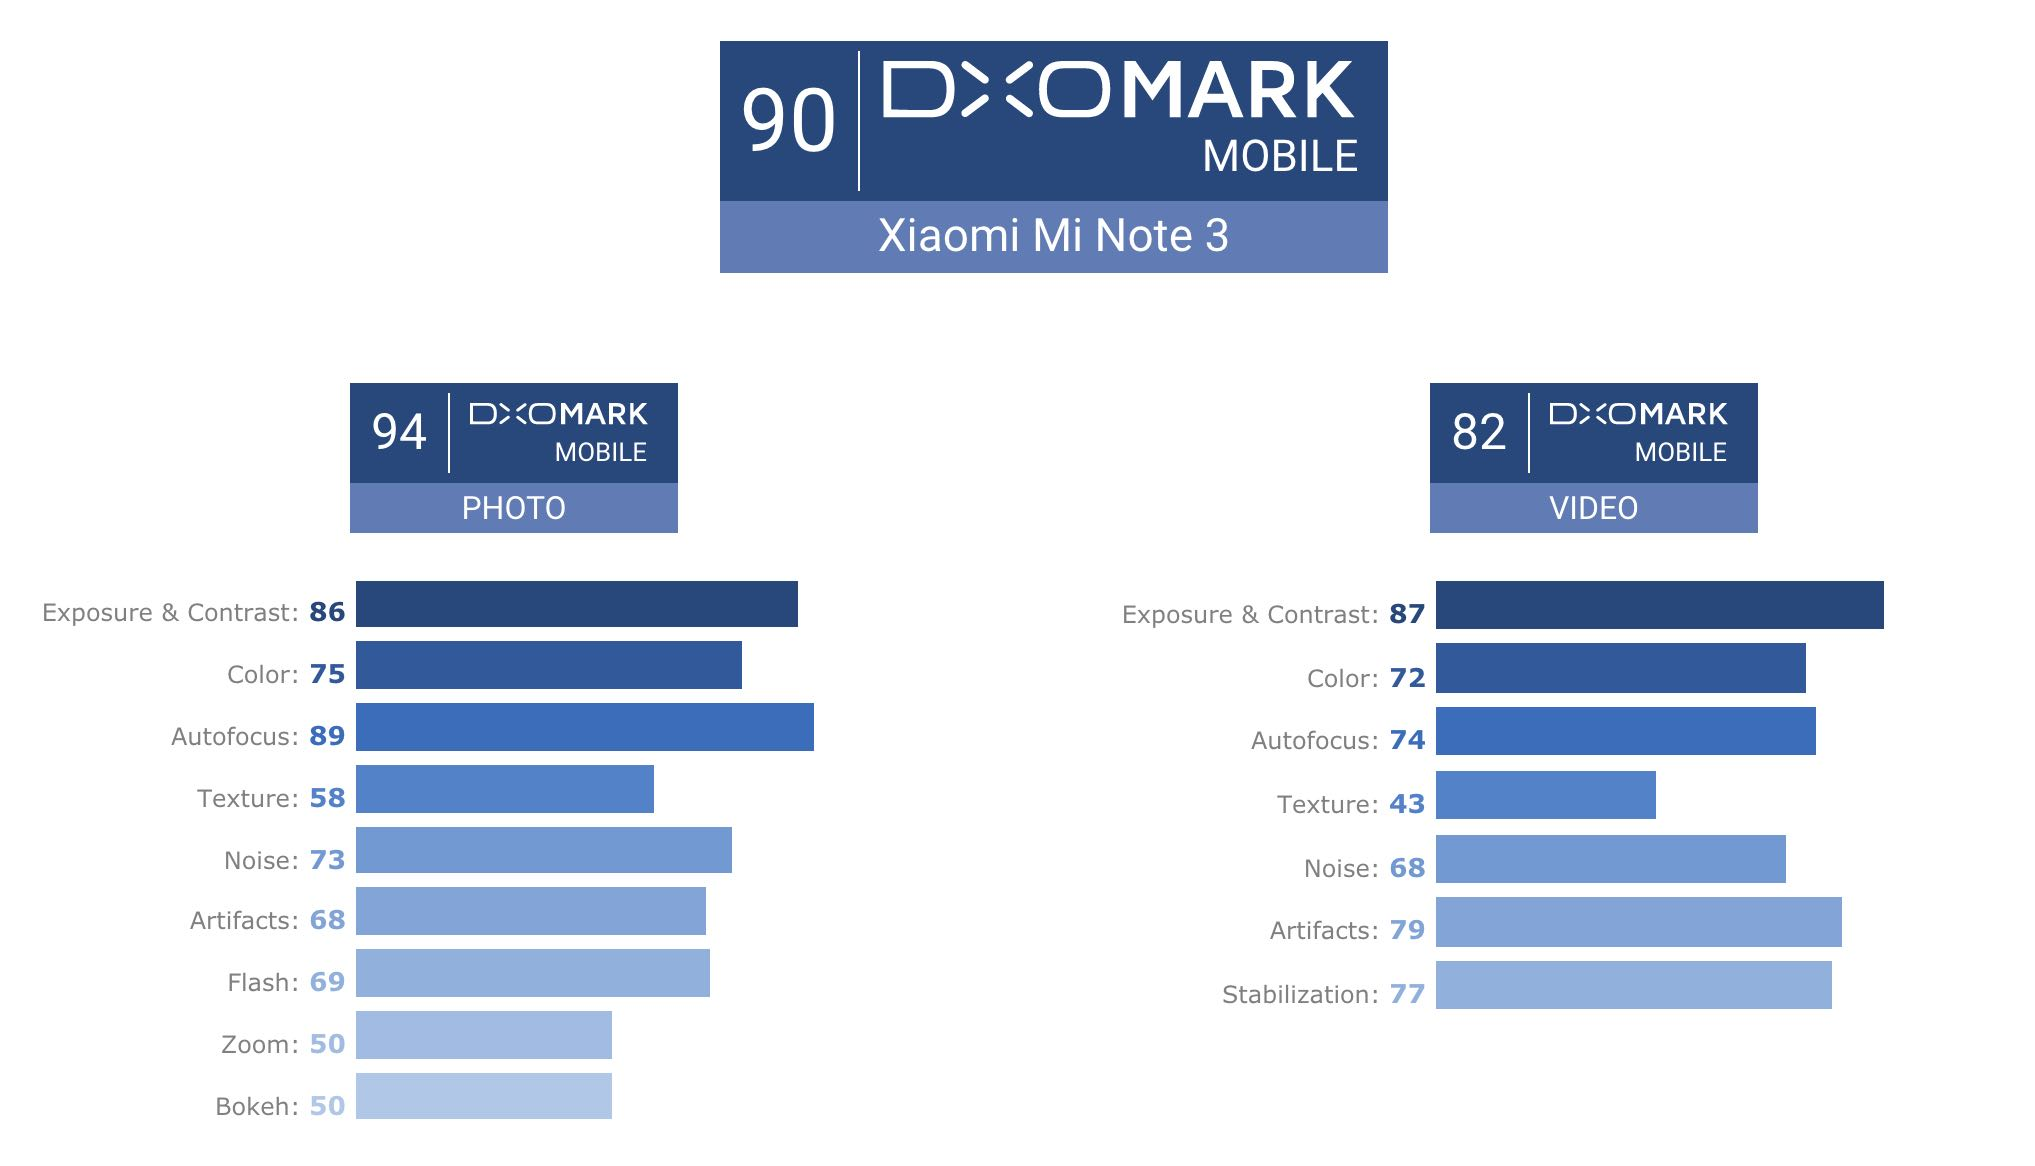 Xiaomi Mi Note 3 - DxOMark